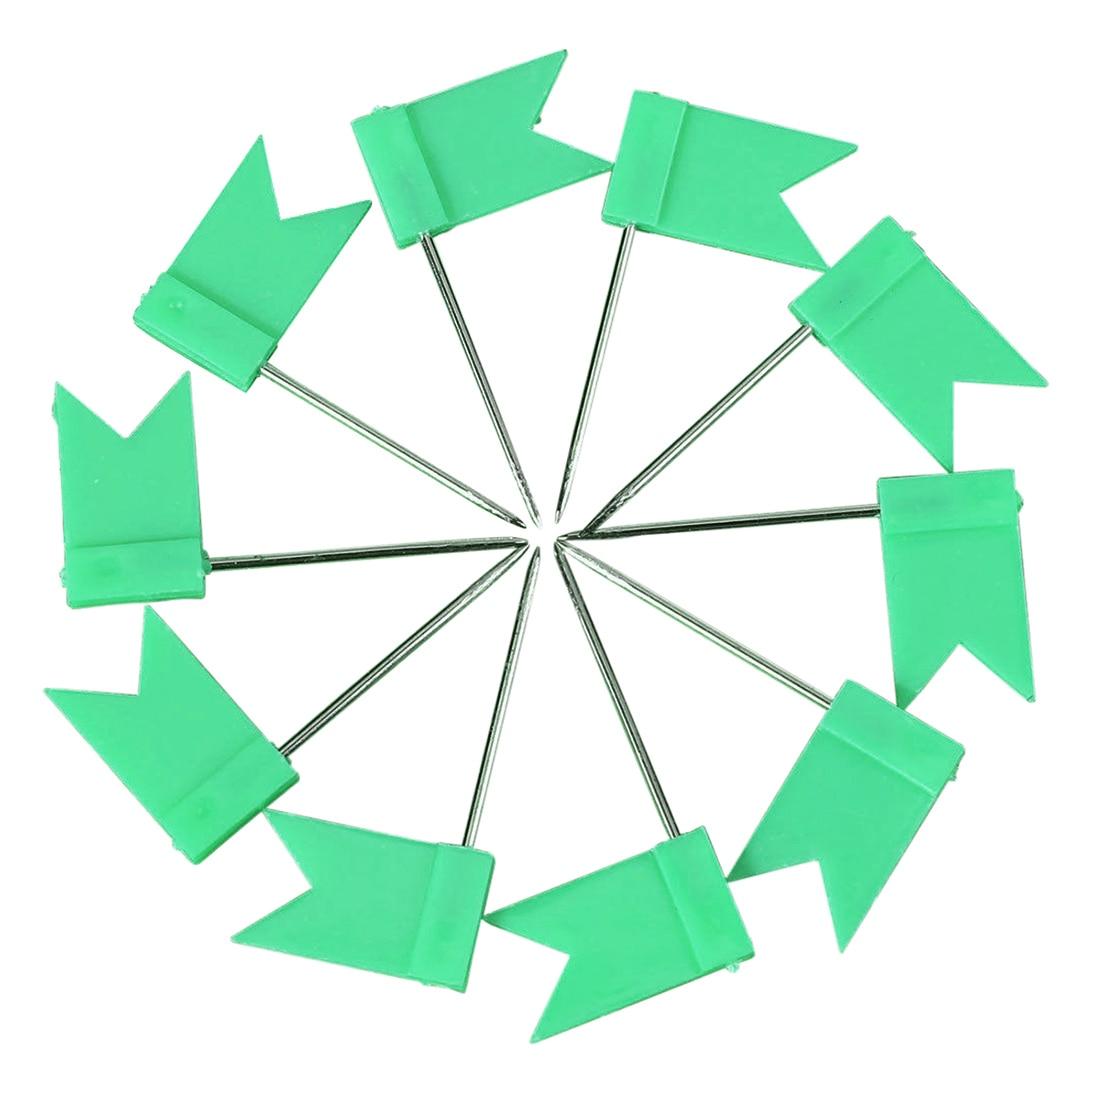 100 Flag Shape Map Pins Cork Notice Board Drawing Pins Push Pin Green